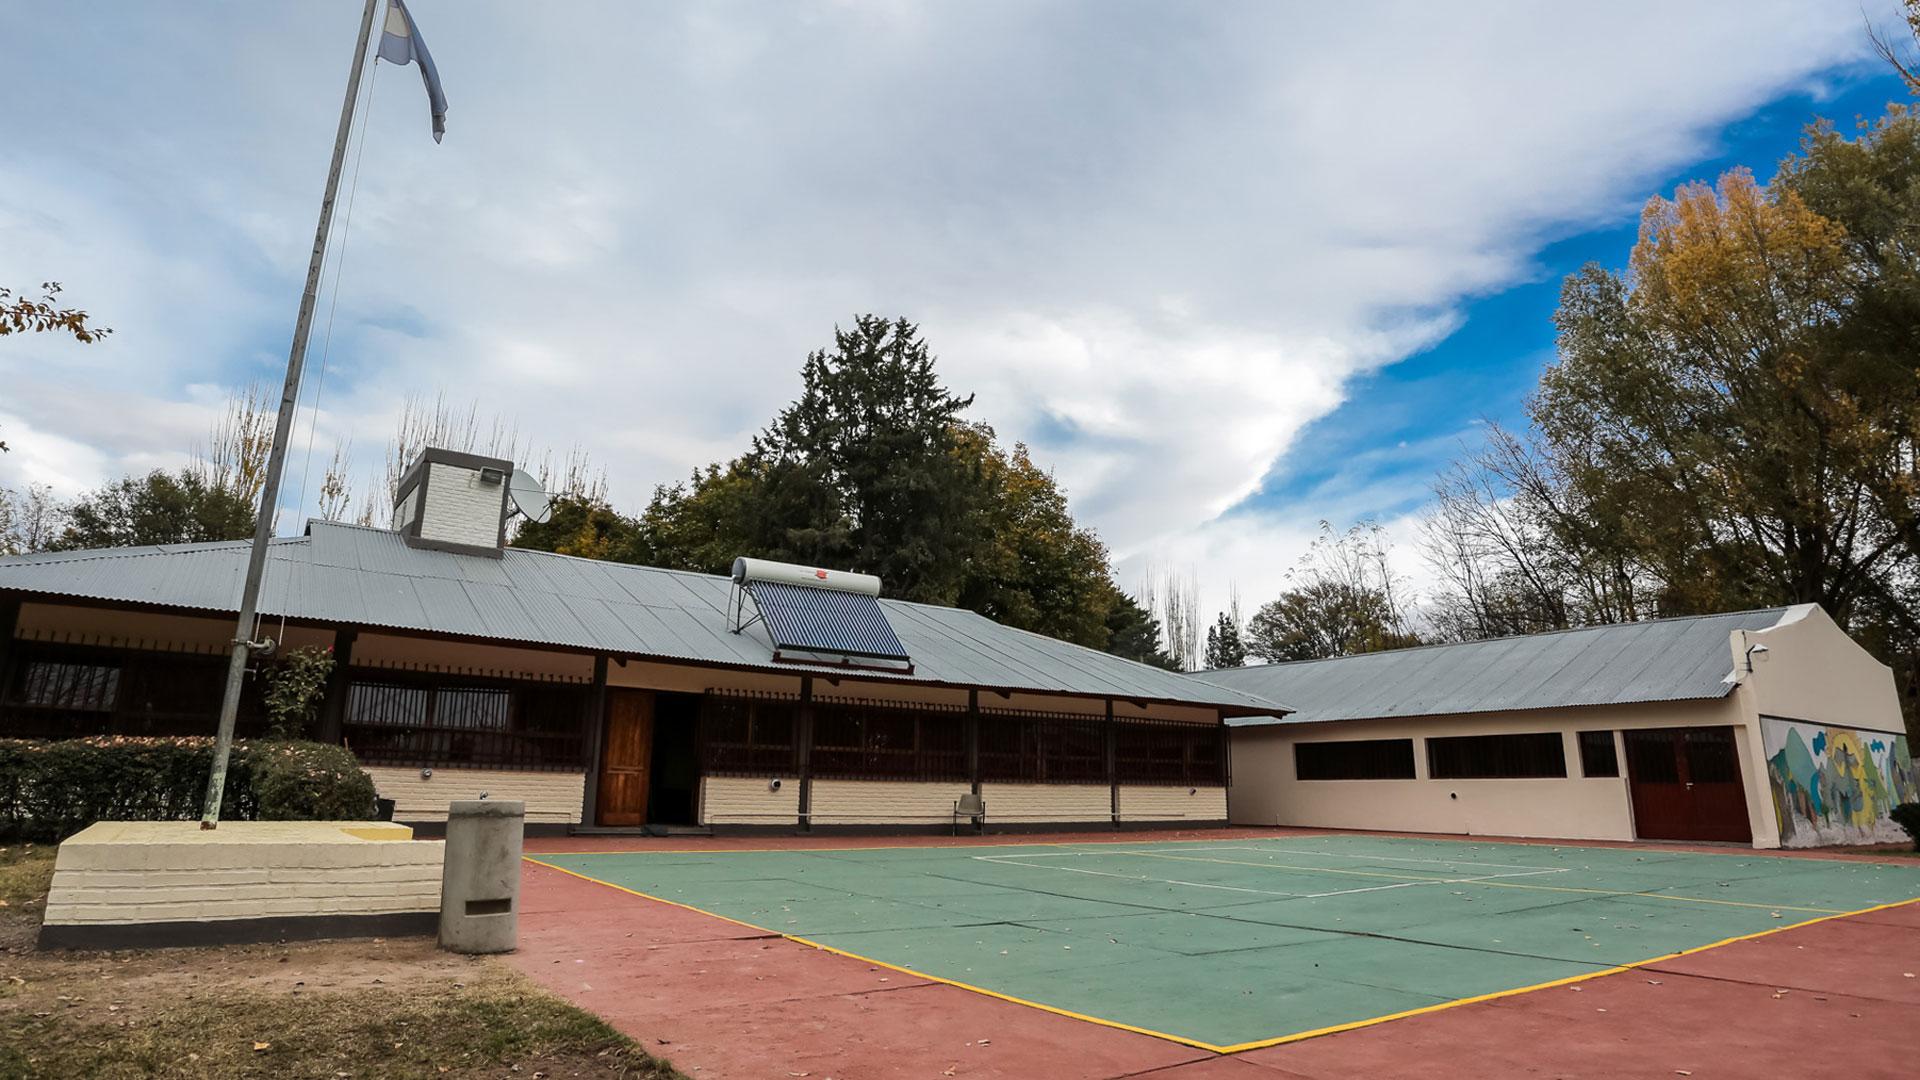 La escuela Benito Lynch, totalmente renovada después de casi 50 años de su inauguración.